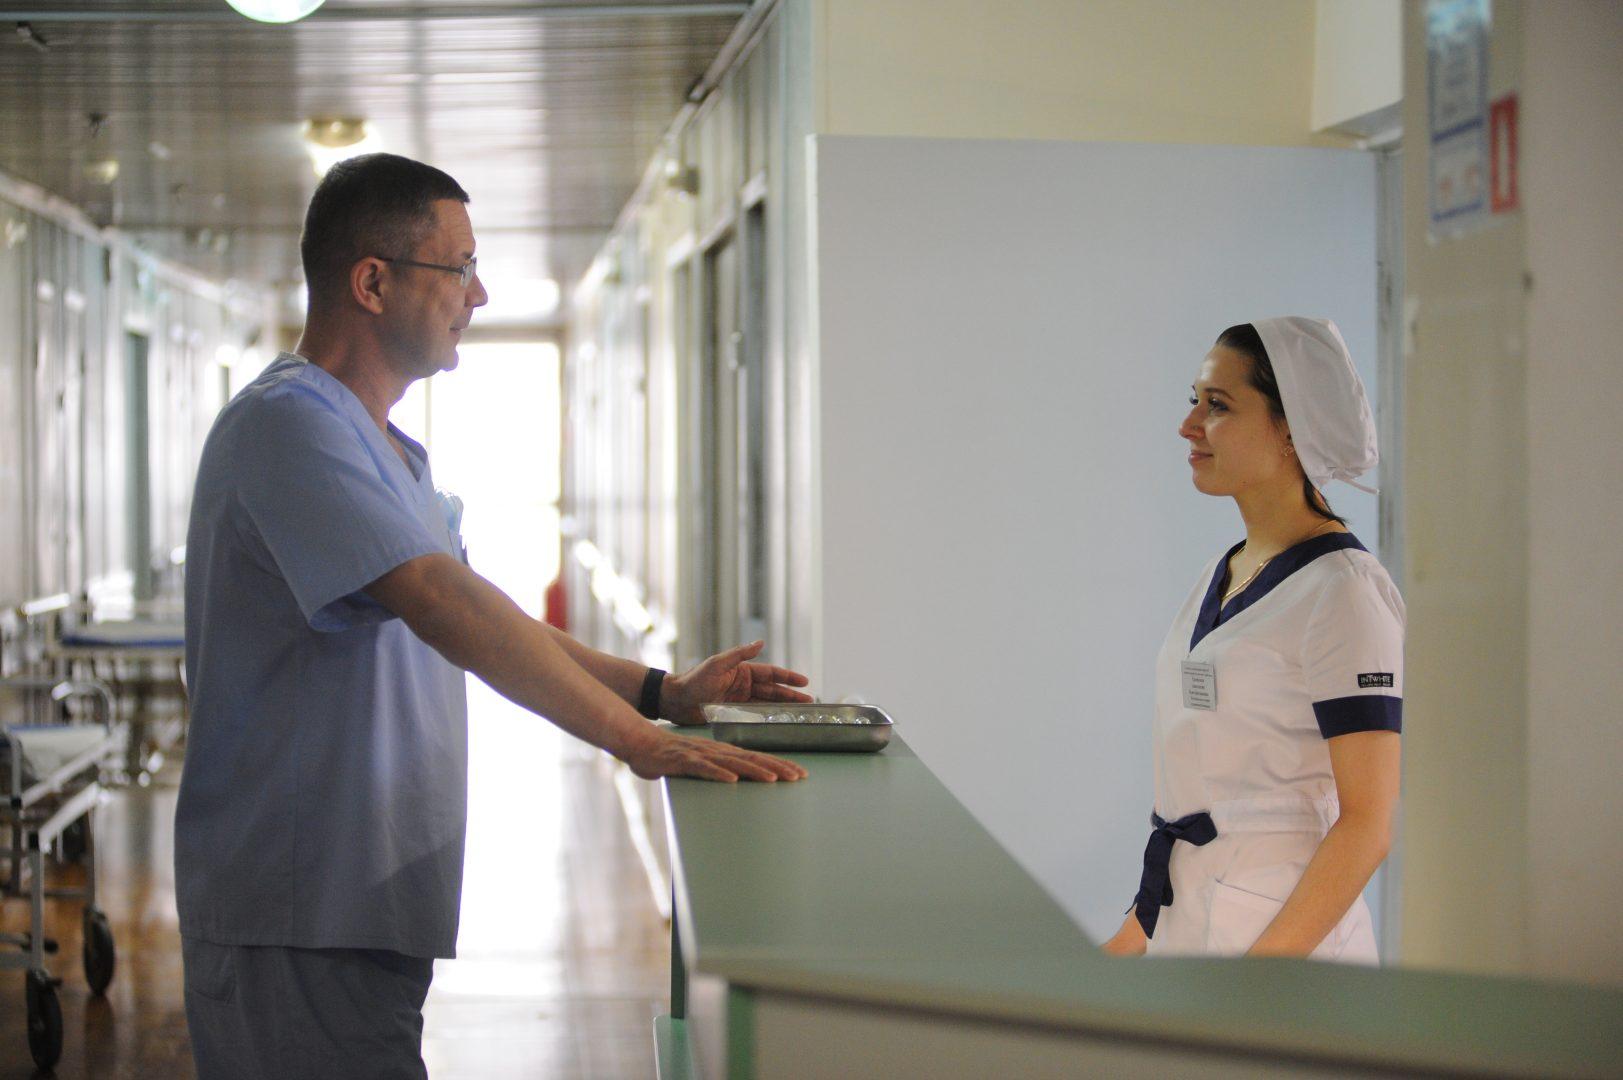 Депздрав: В больницах Москвы нет пострадавших в ходе незаконных акций 23 января. Фото: Александр Кожохин, «Вечерняя Москва»